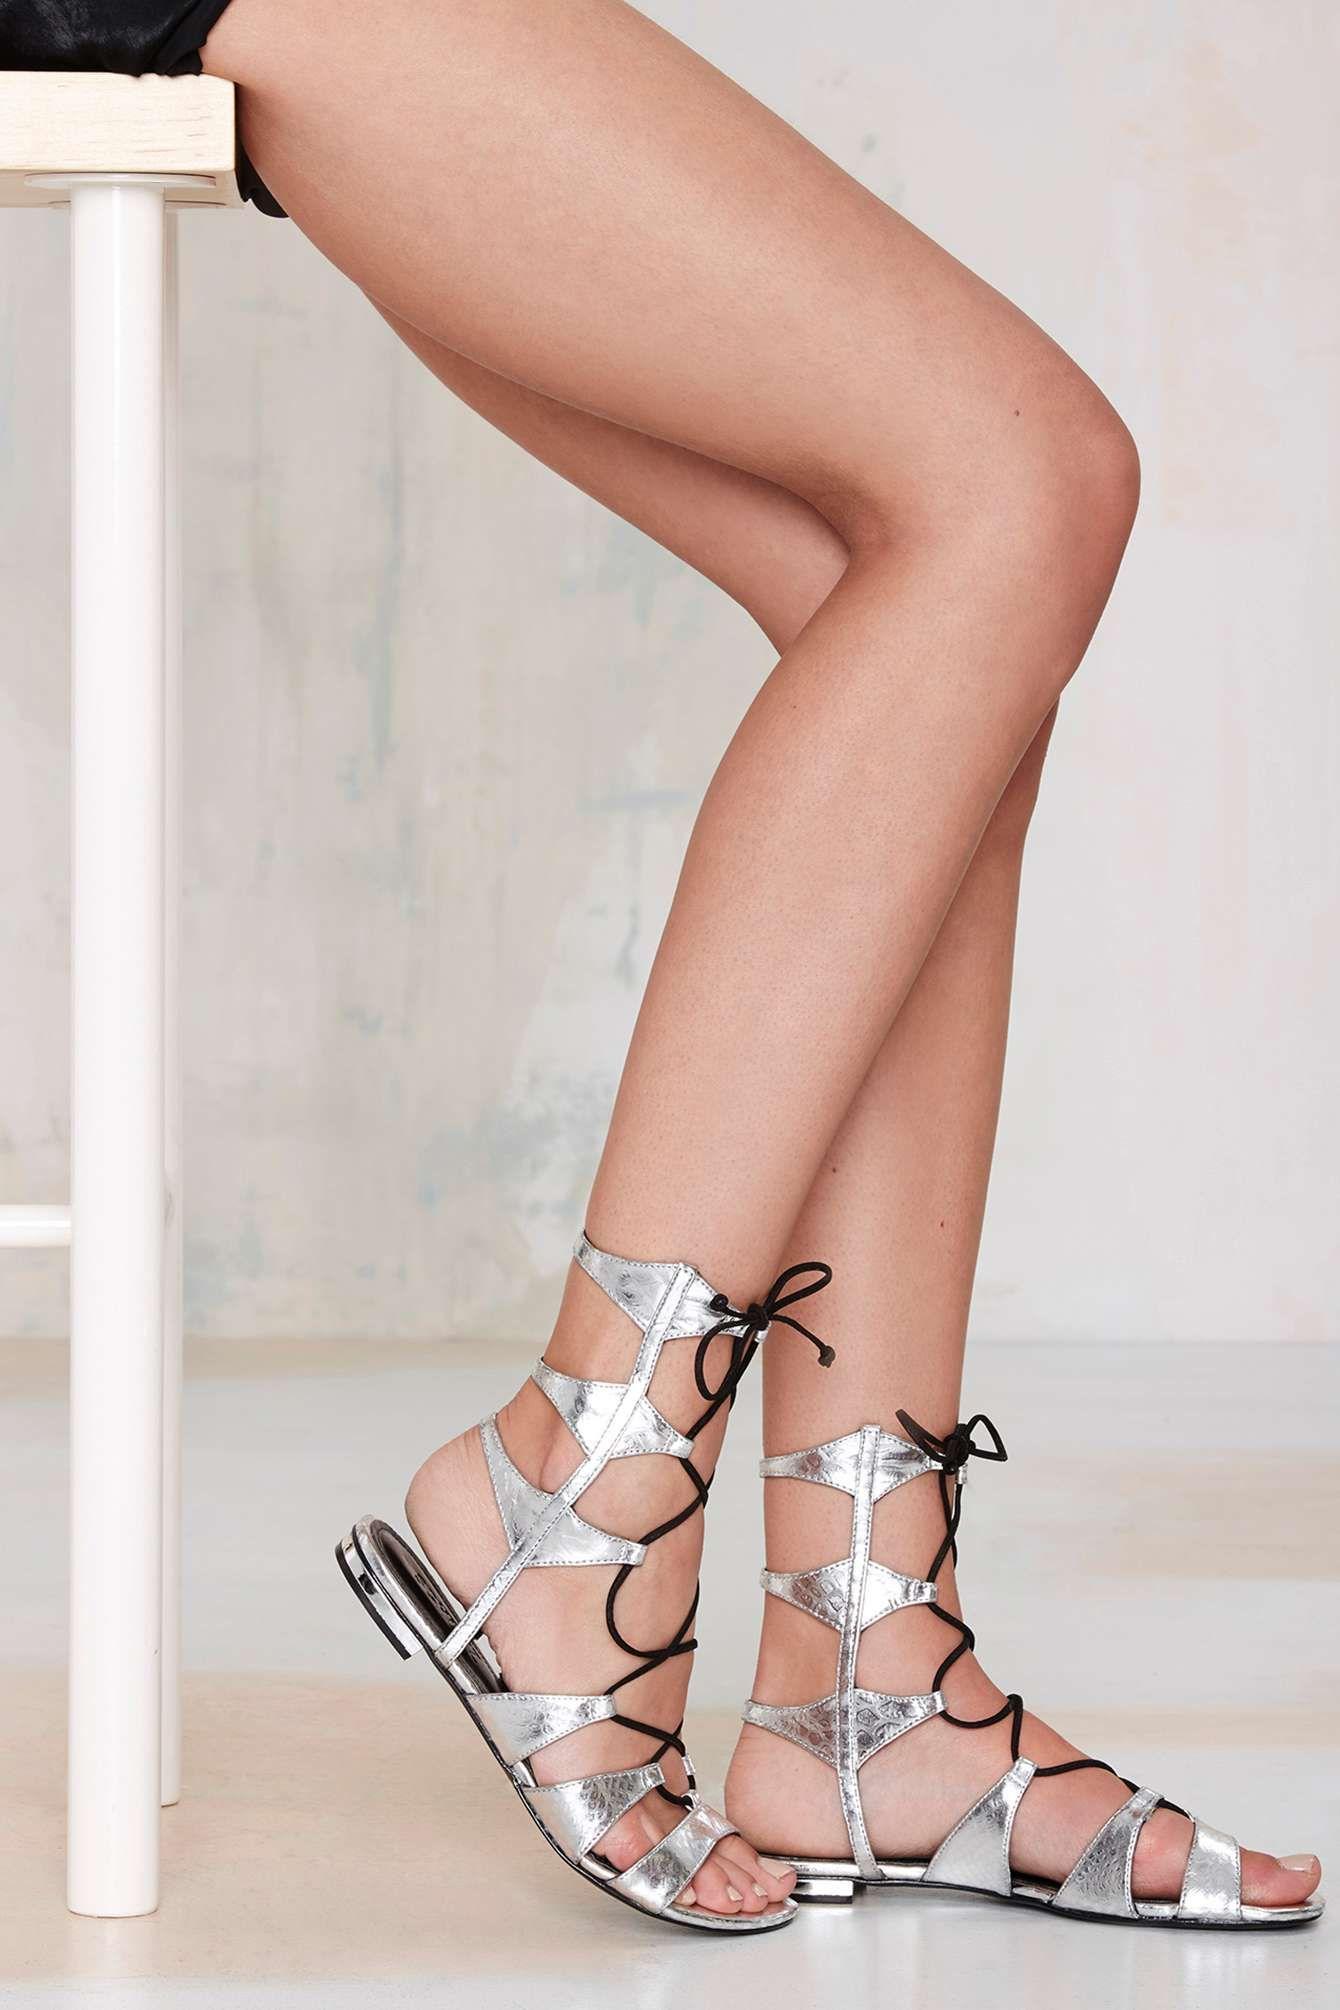 tre delicatissimi colori combinati insieme per un risultato total glamour dea sandals capri collection sandali capresi gioiello fatti a mano s - Sandale Colore